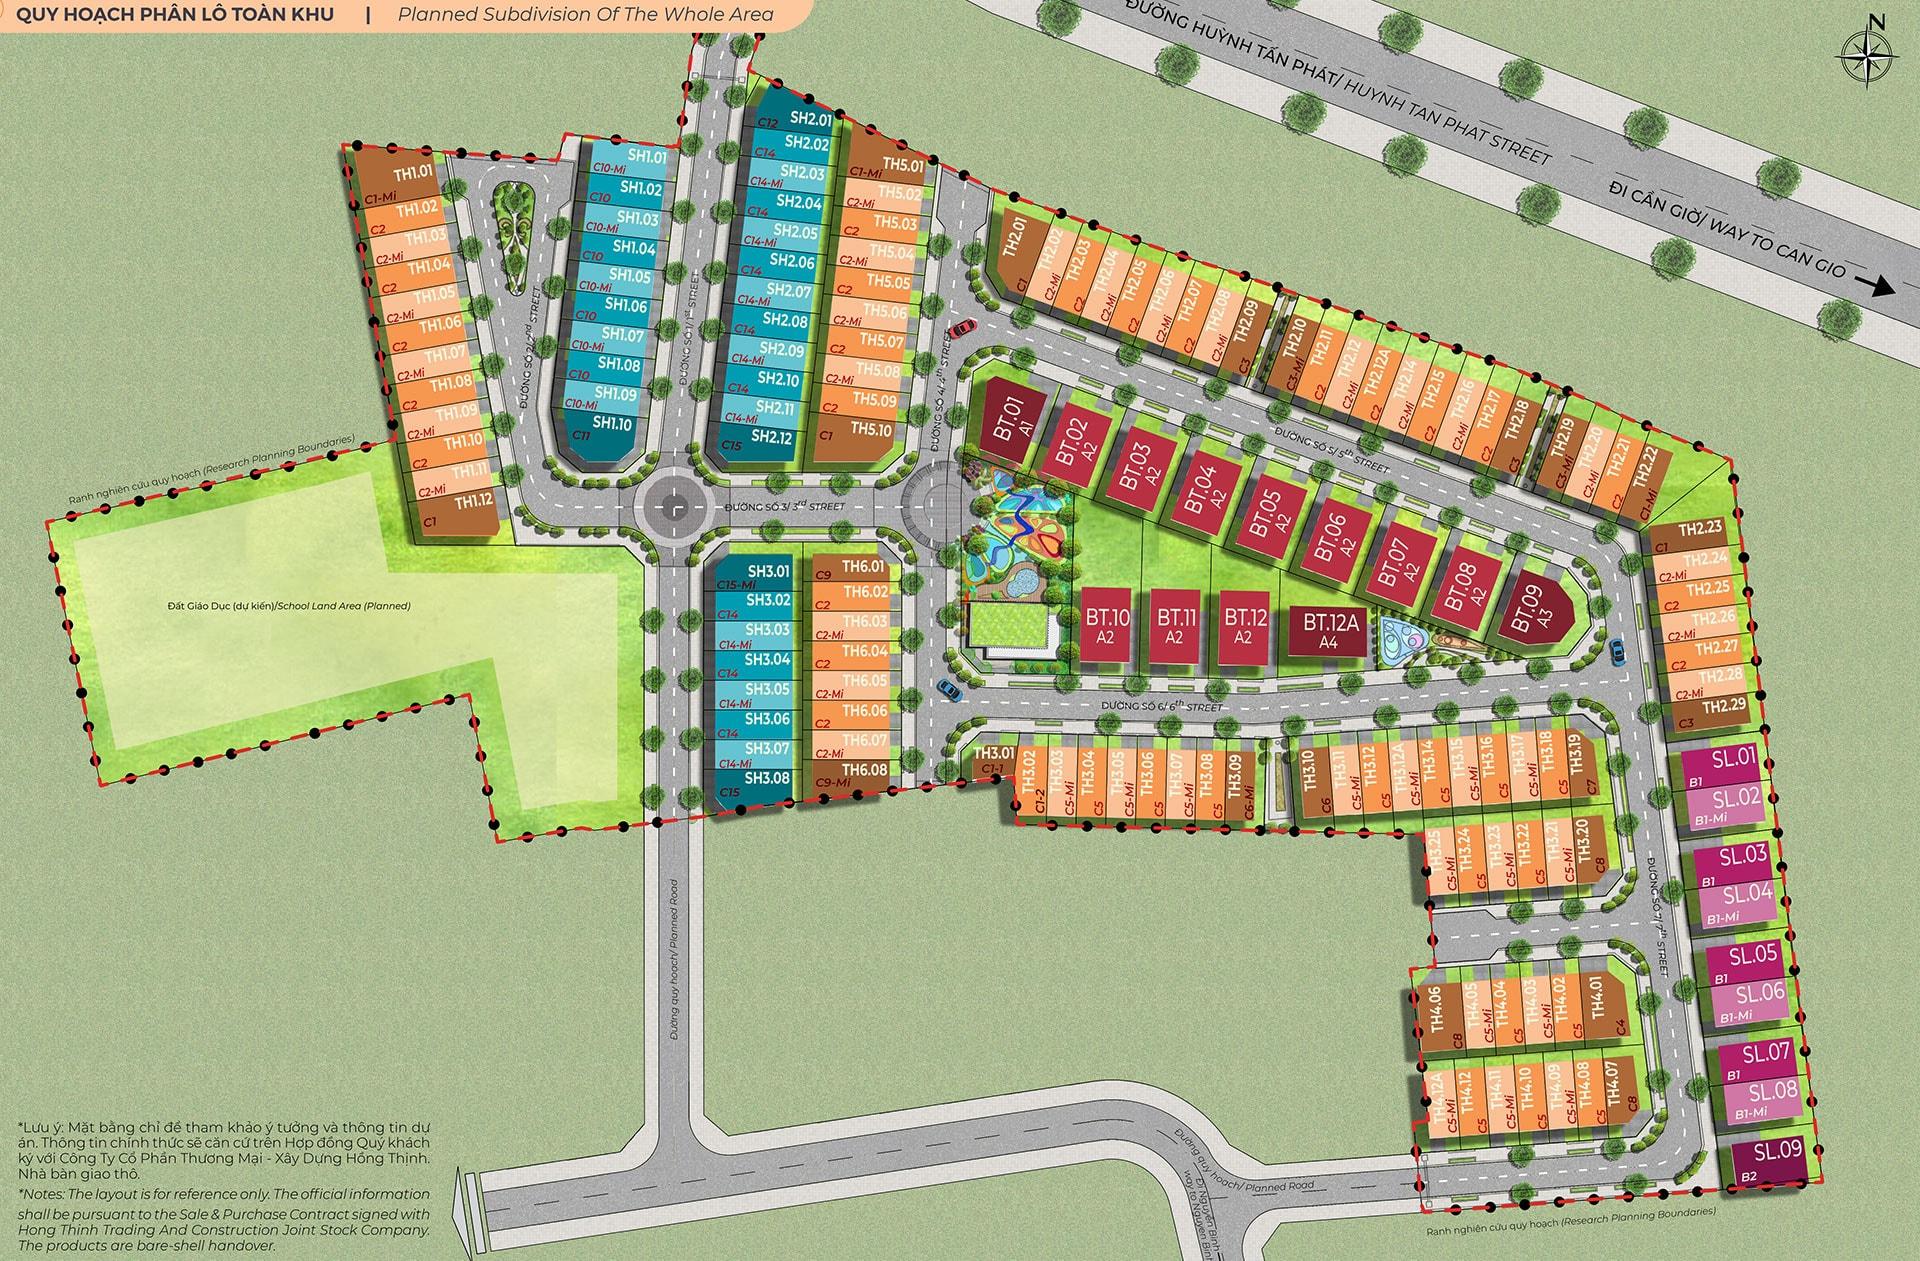 Quy hoạch phân lô từng khu tại Amelie Villa